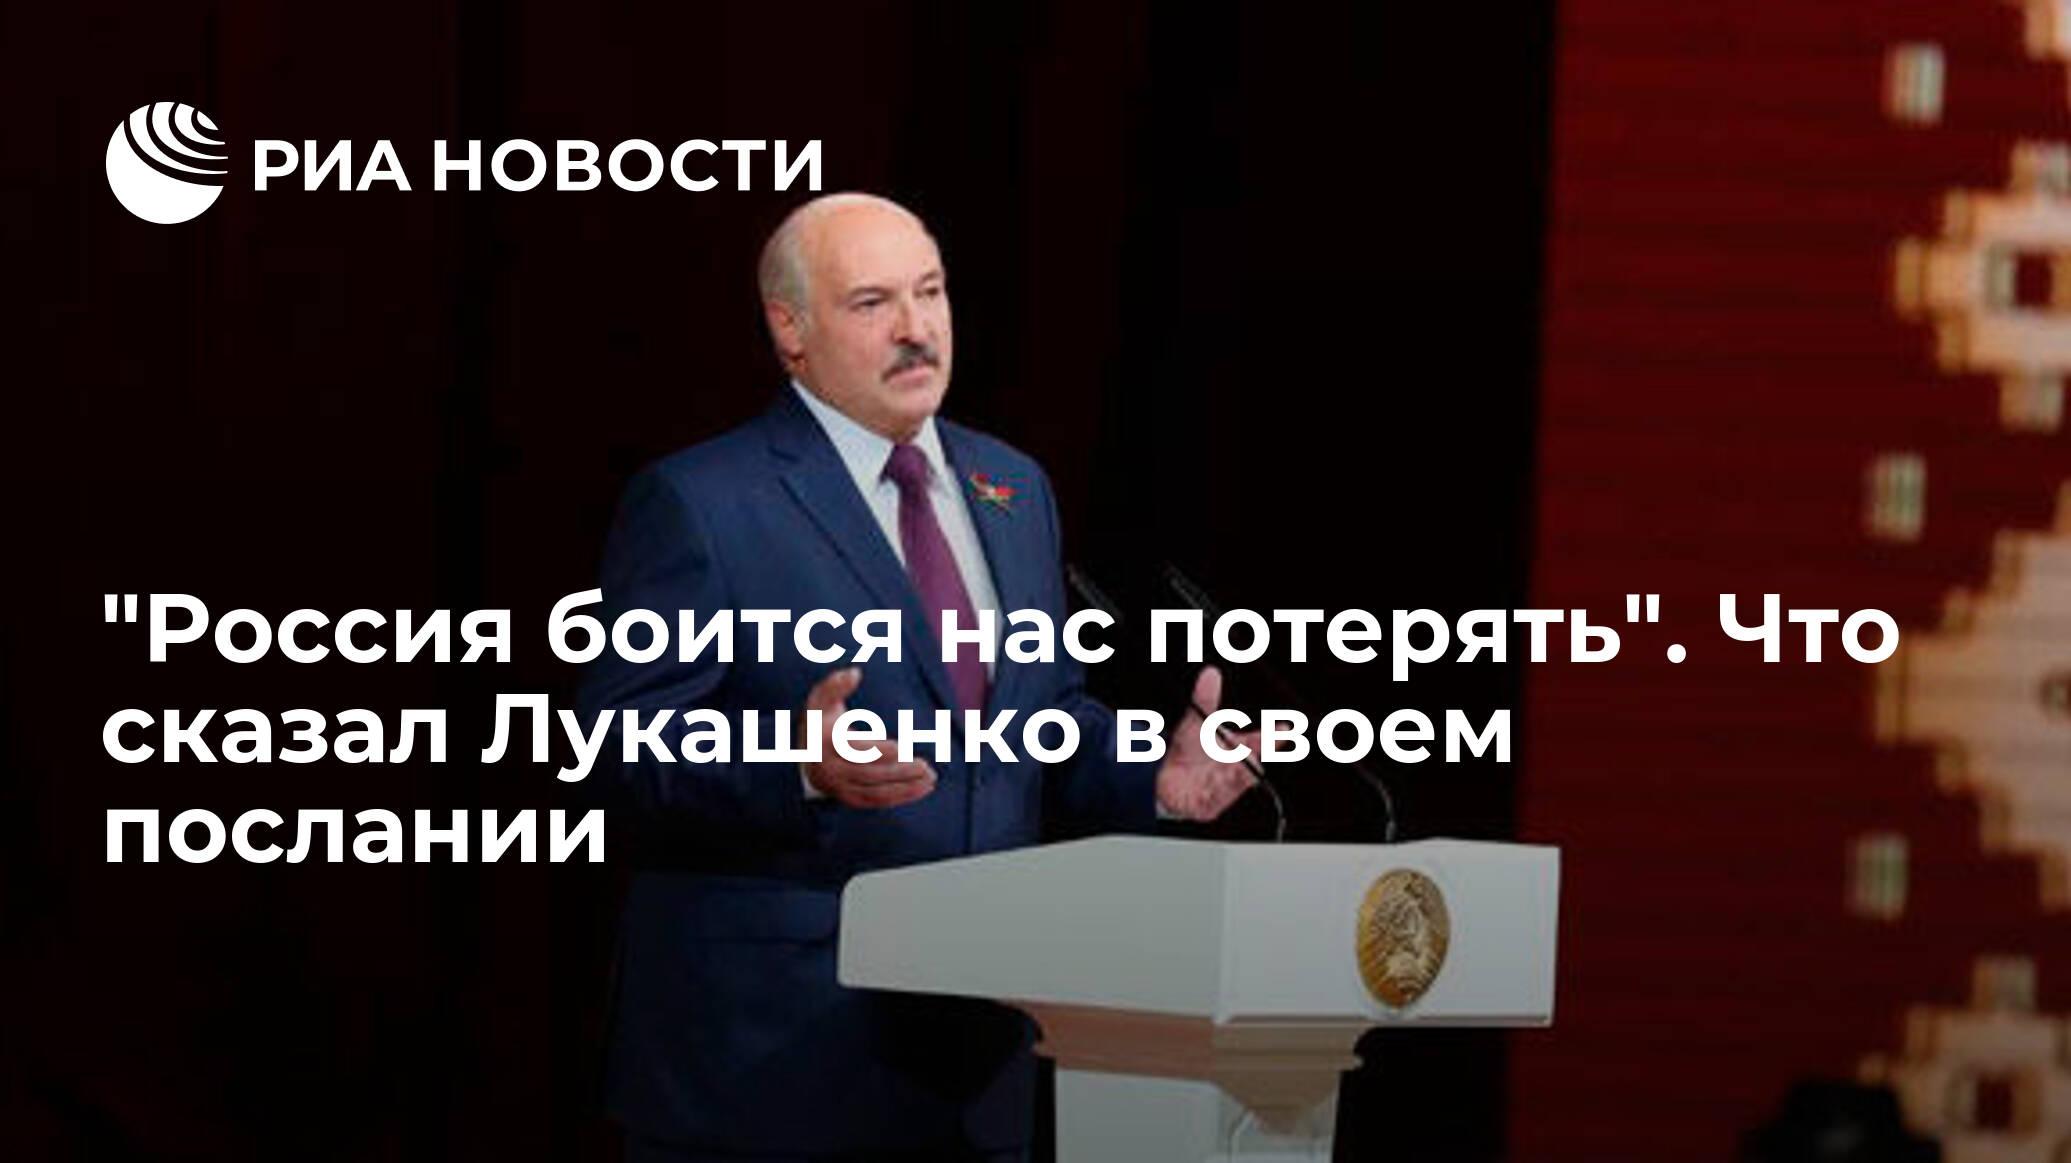 «Россия боится нас потерять». Что сказал Лукашенко в своем послании